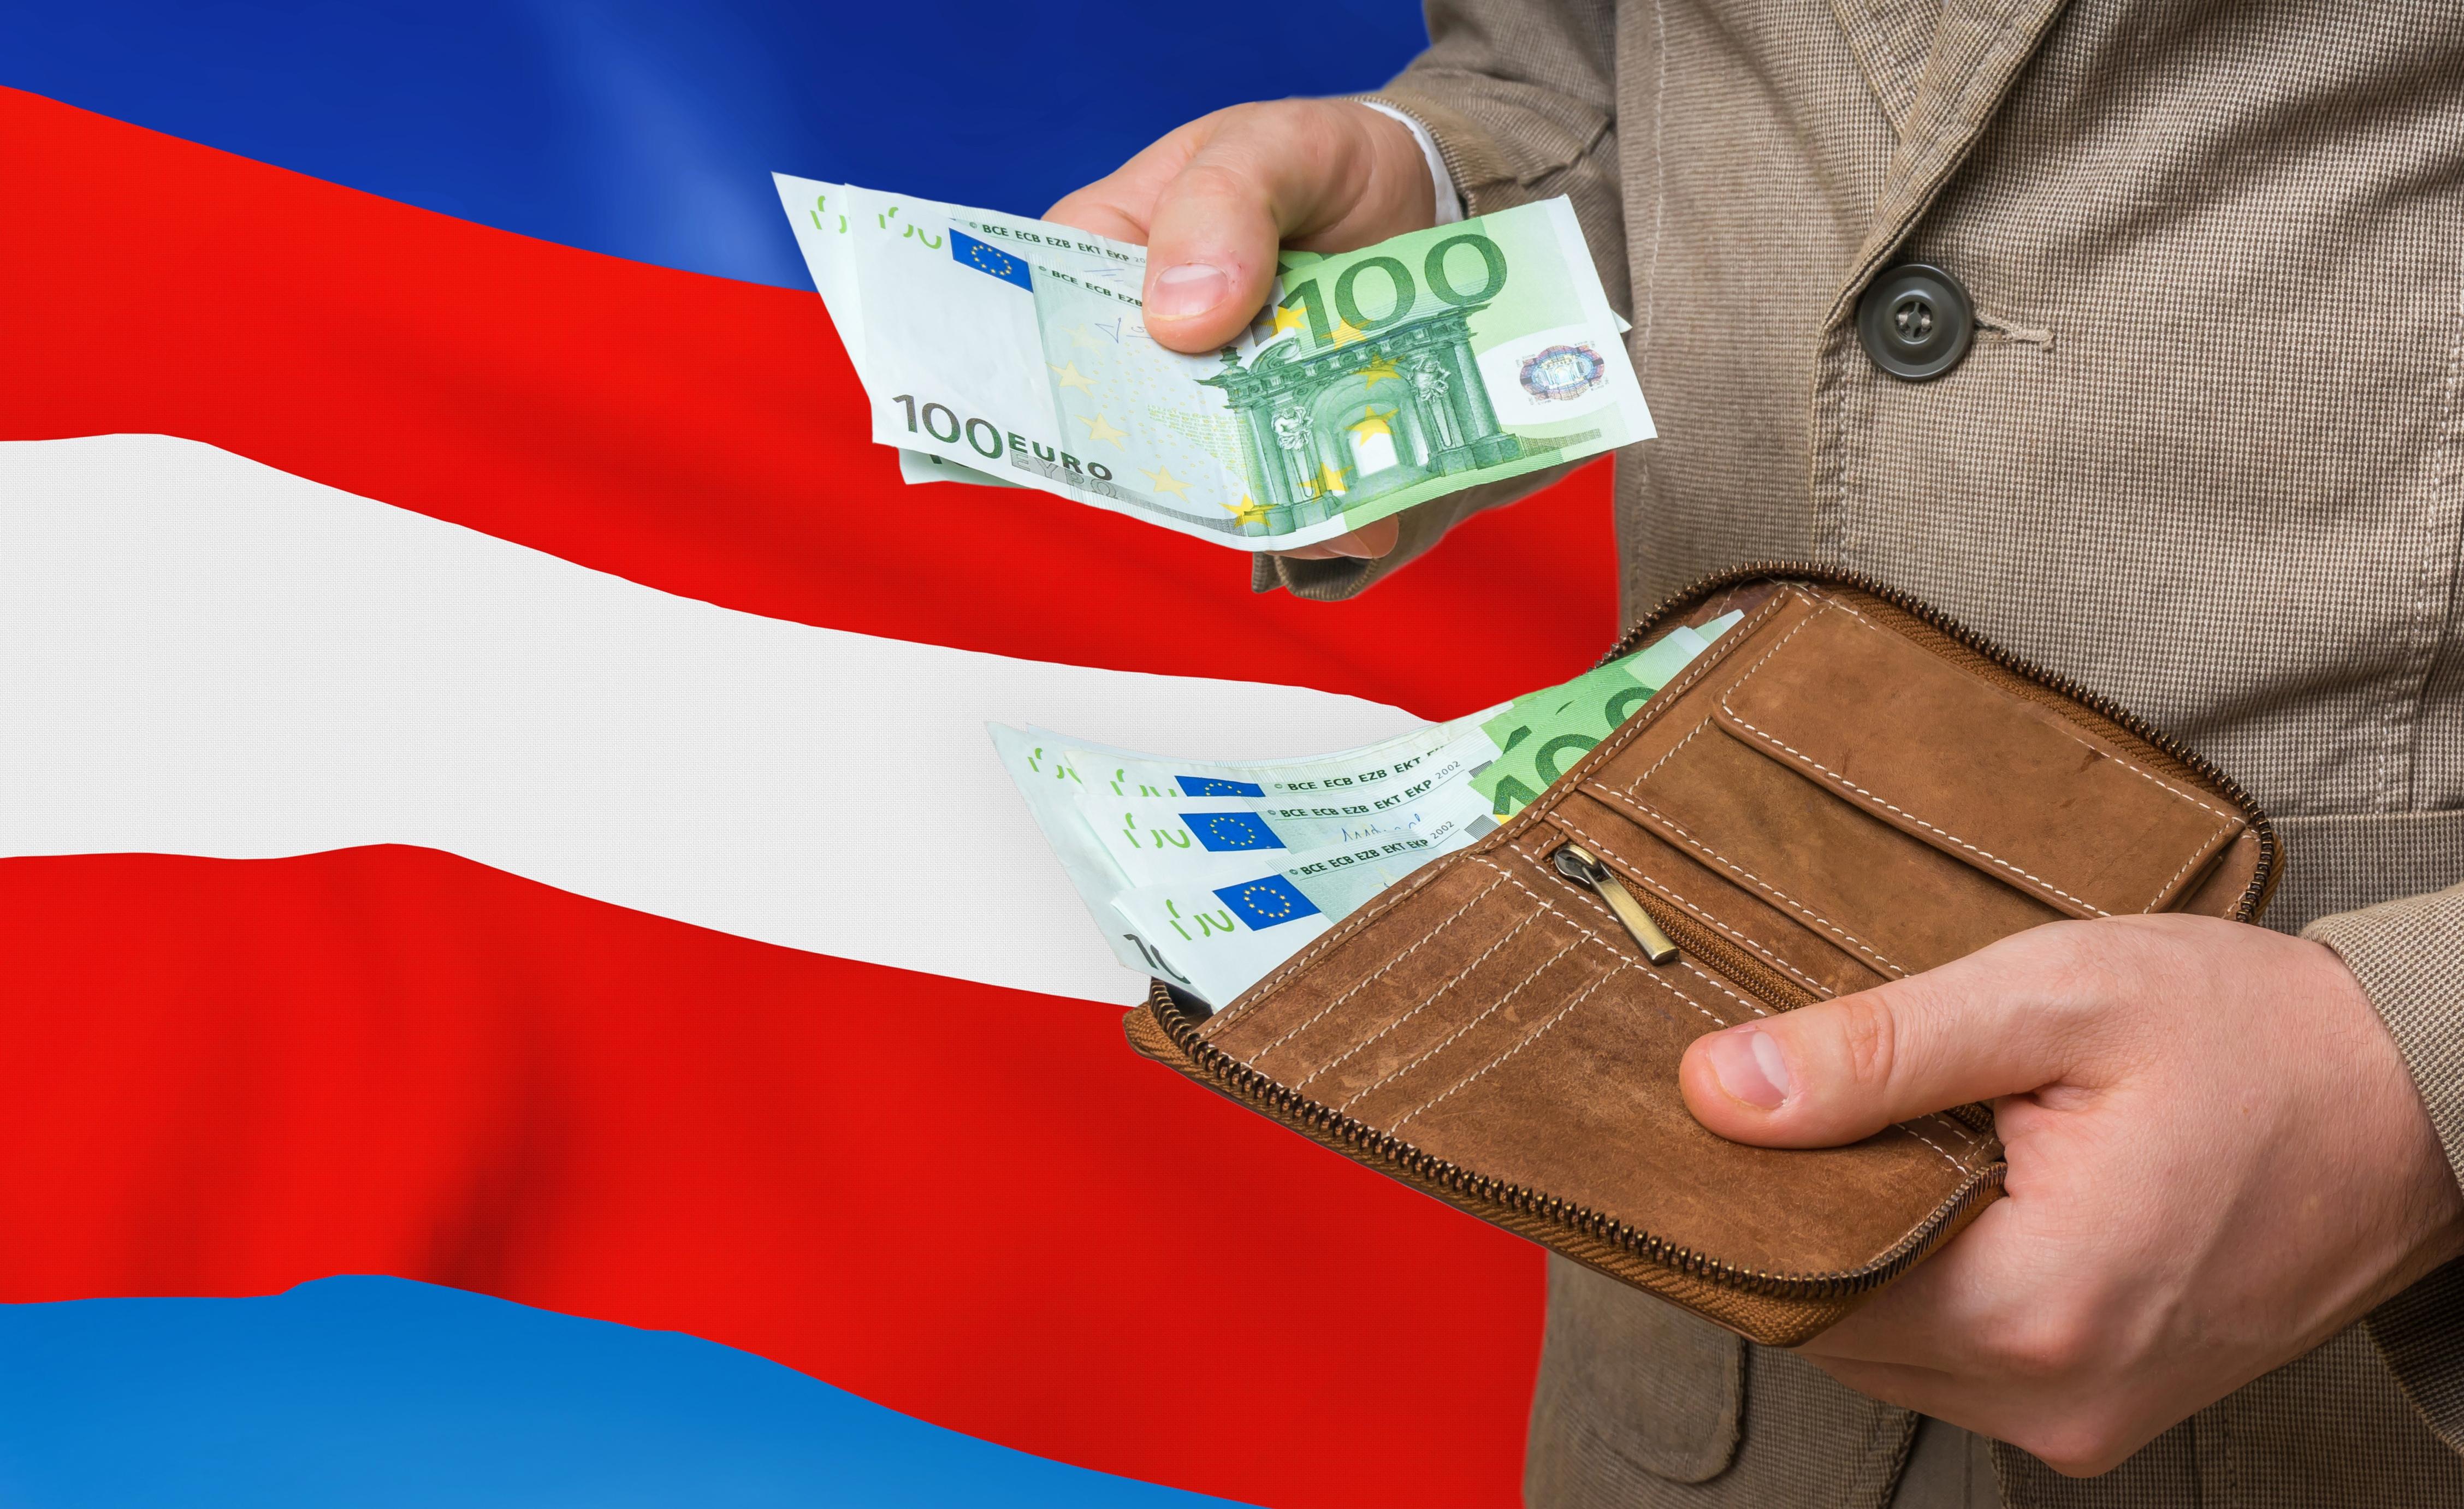 Деньги в руках мужчины на фоне флага Австрии, паспорт которой можно оформить за инвестиции